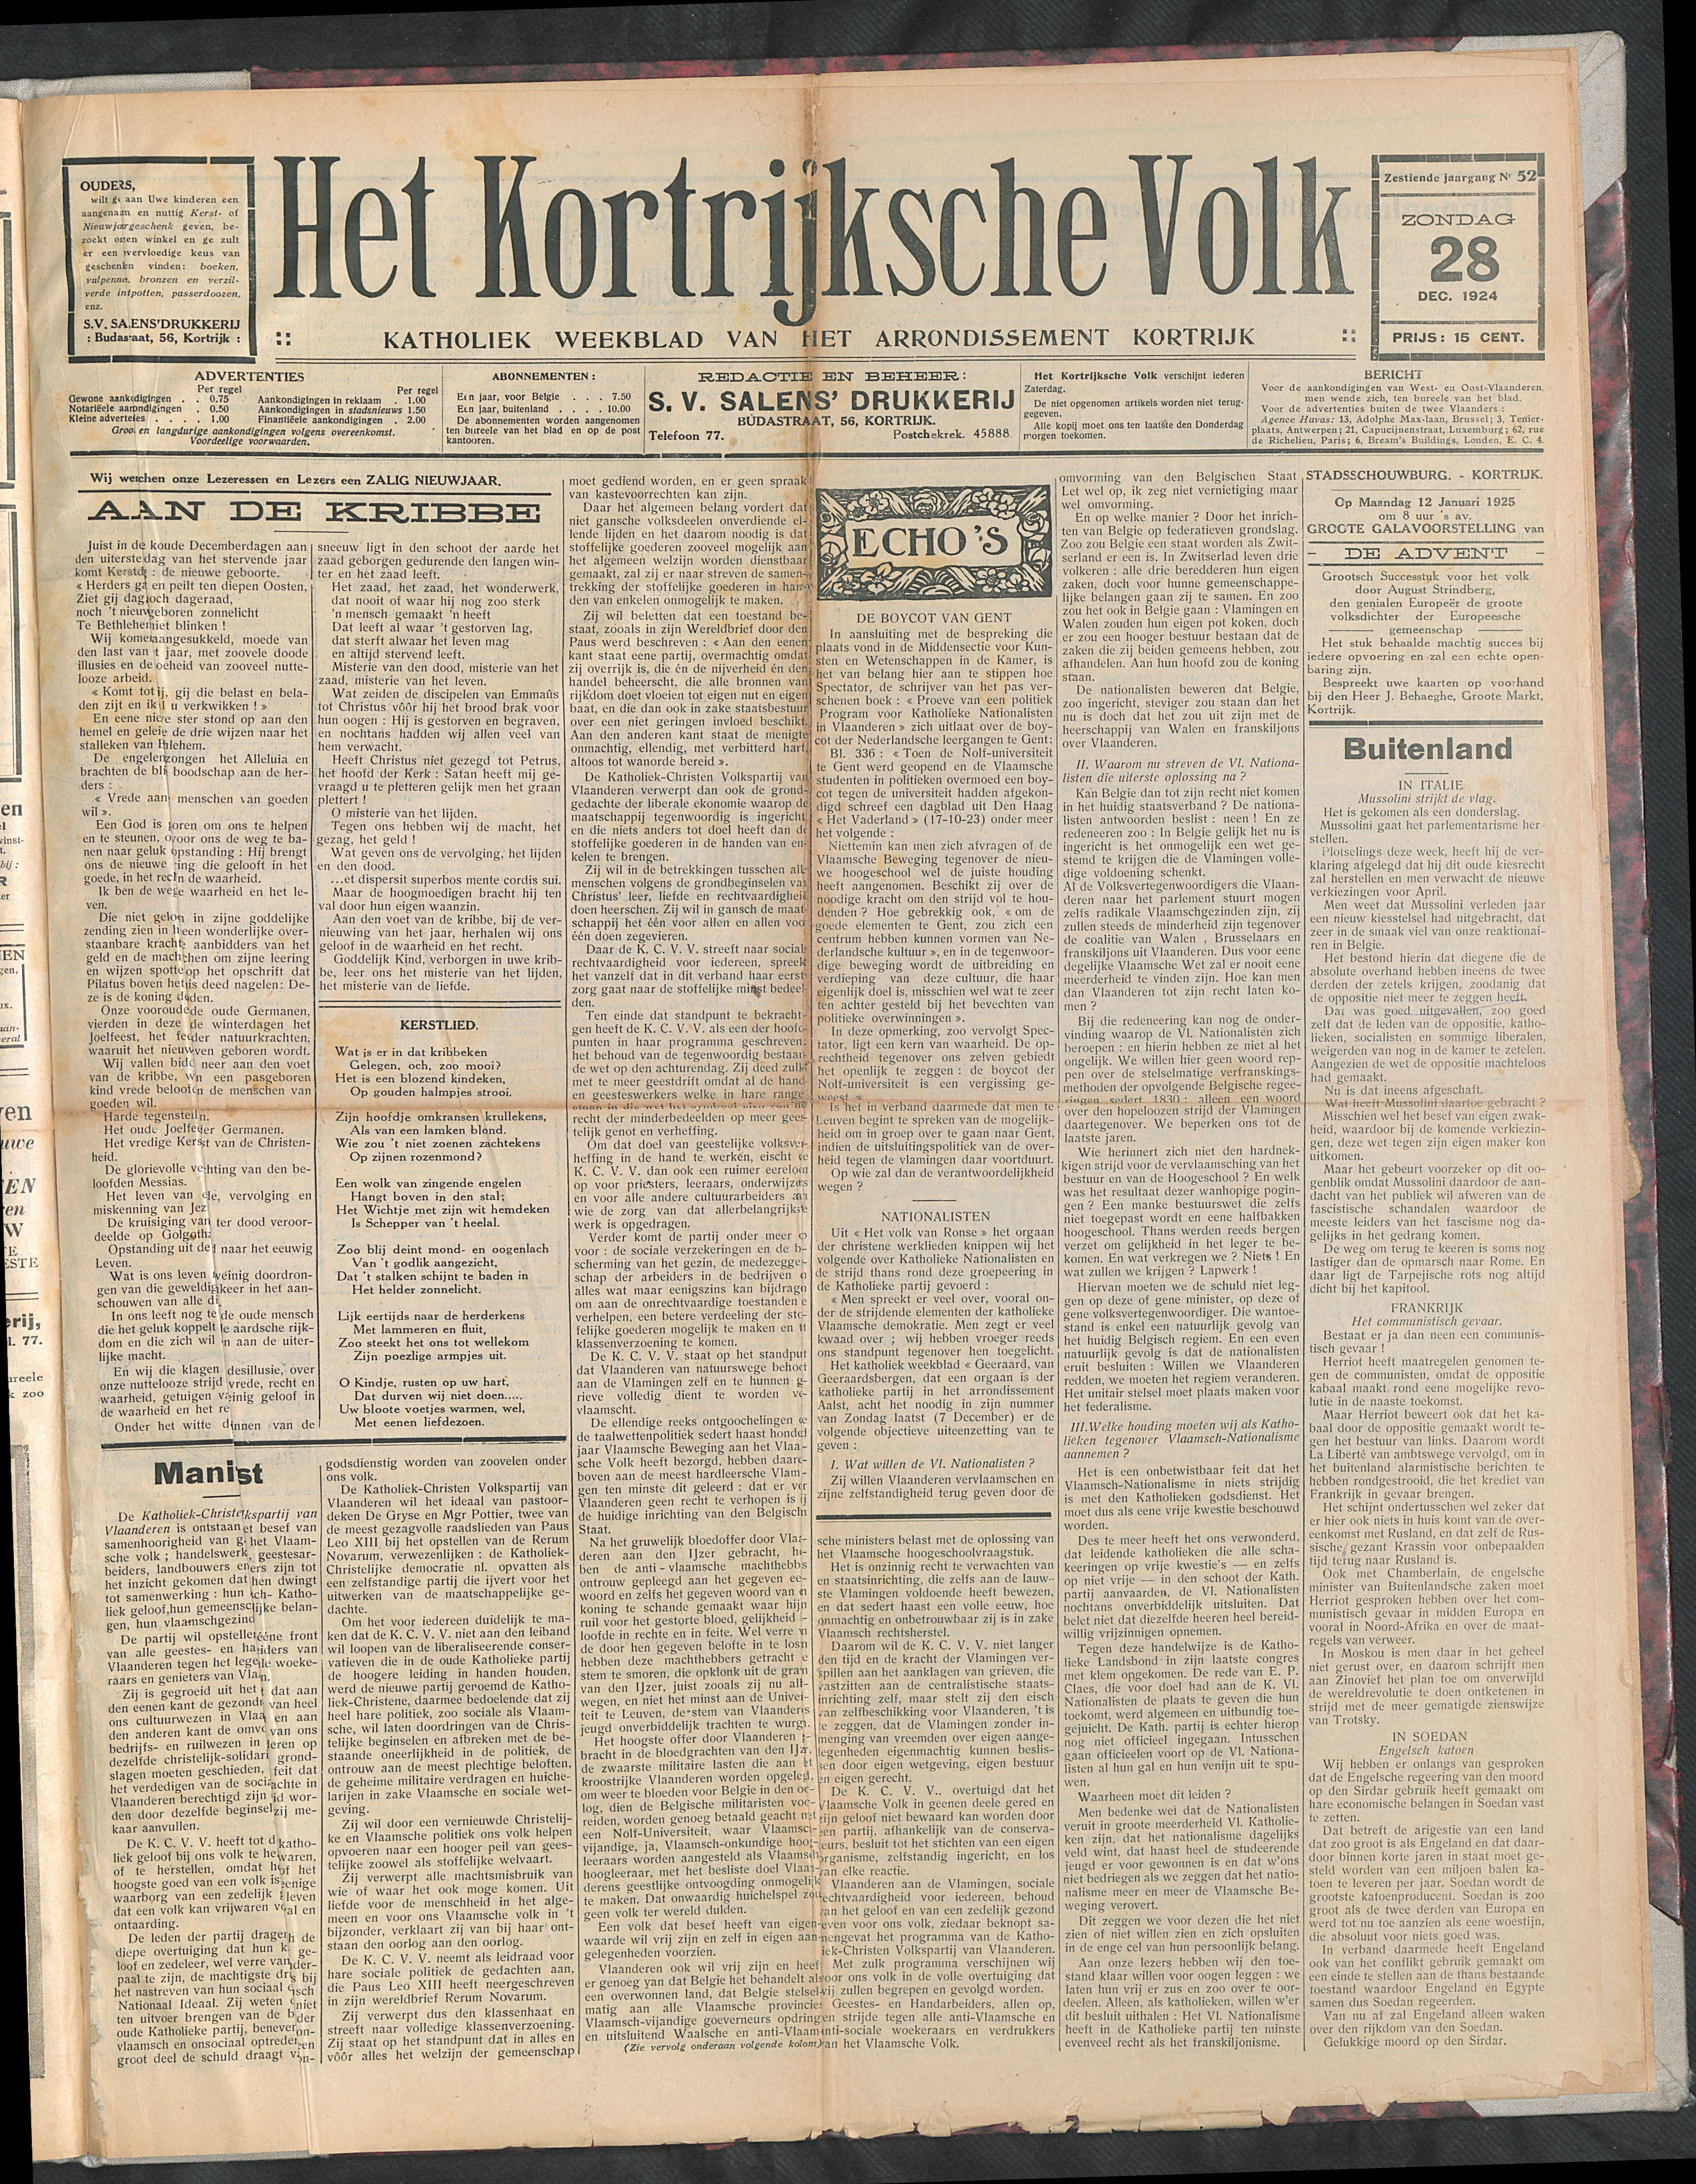 Het Kortrijksche Volk 1924-12-28 p1